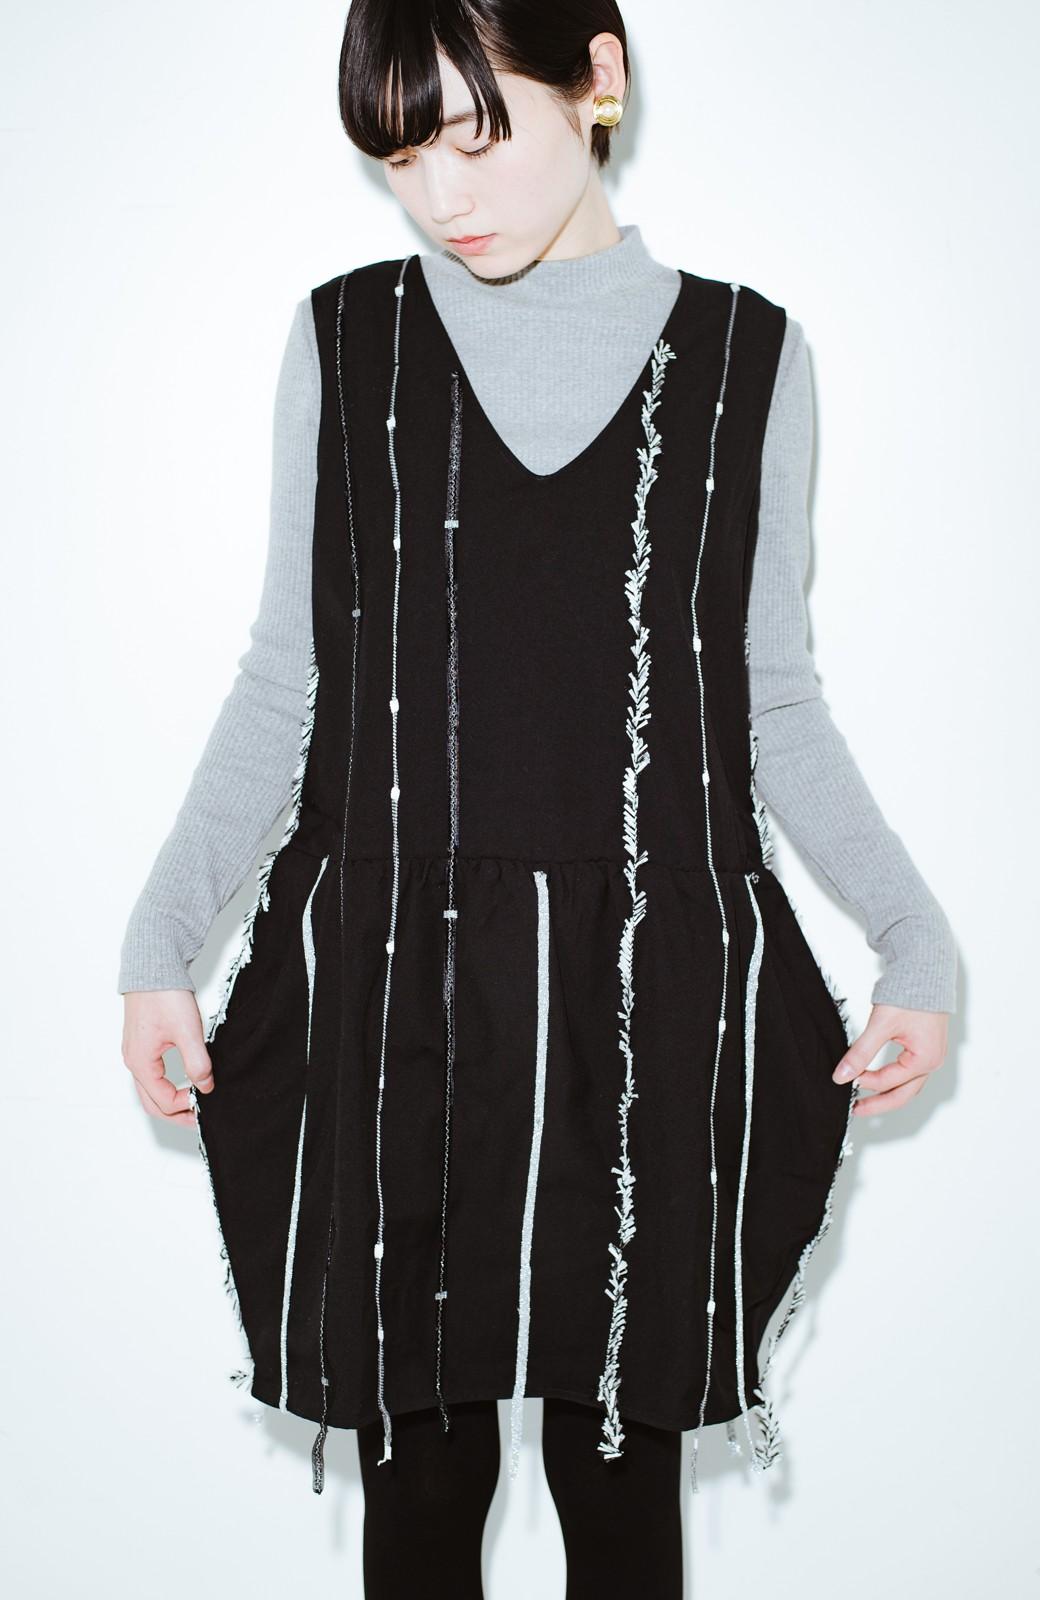 haco! co&tion 田中佑佳Zebra(09 milling crowd)黒ワンピ【アーティスト監修10点もの】 <ブラック>の商品写真1